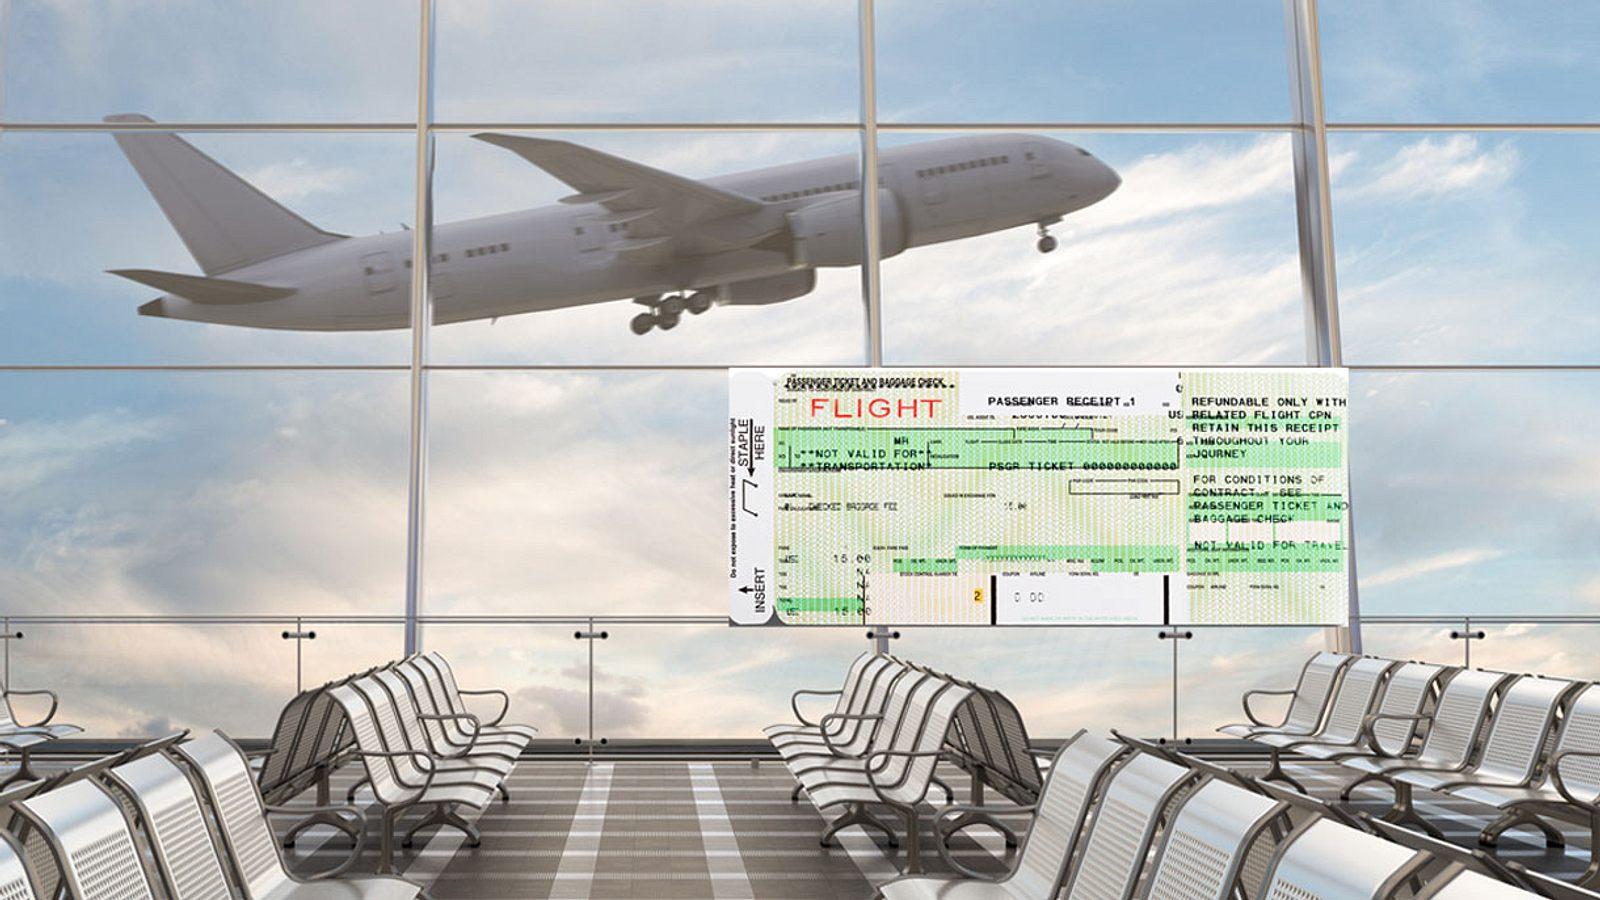 SSSS: Geheimer Code auf Flugtickets macht Gästen Probleme